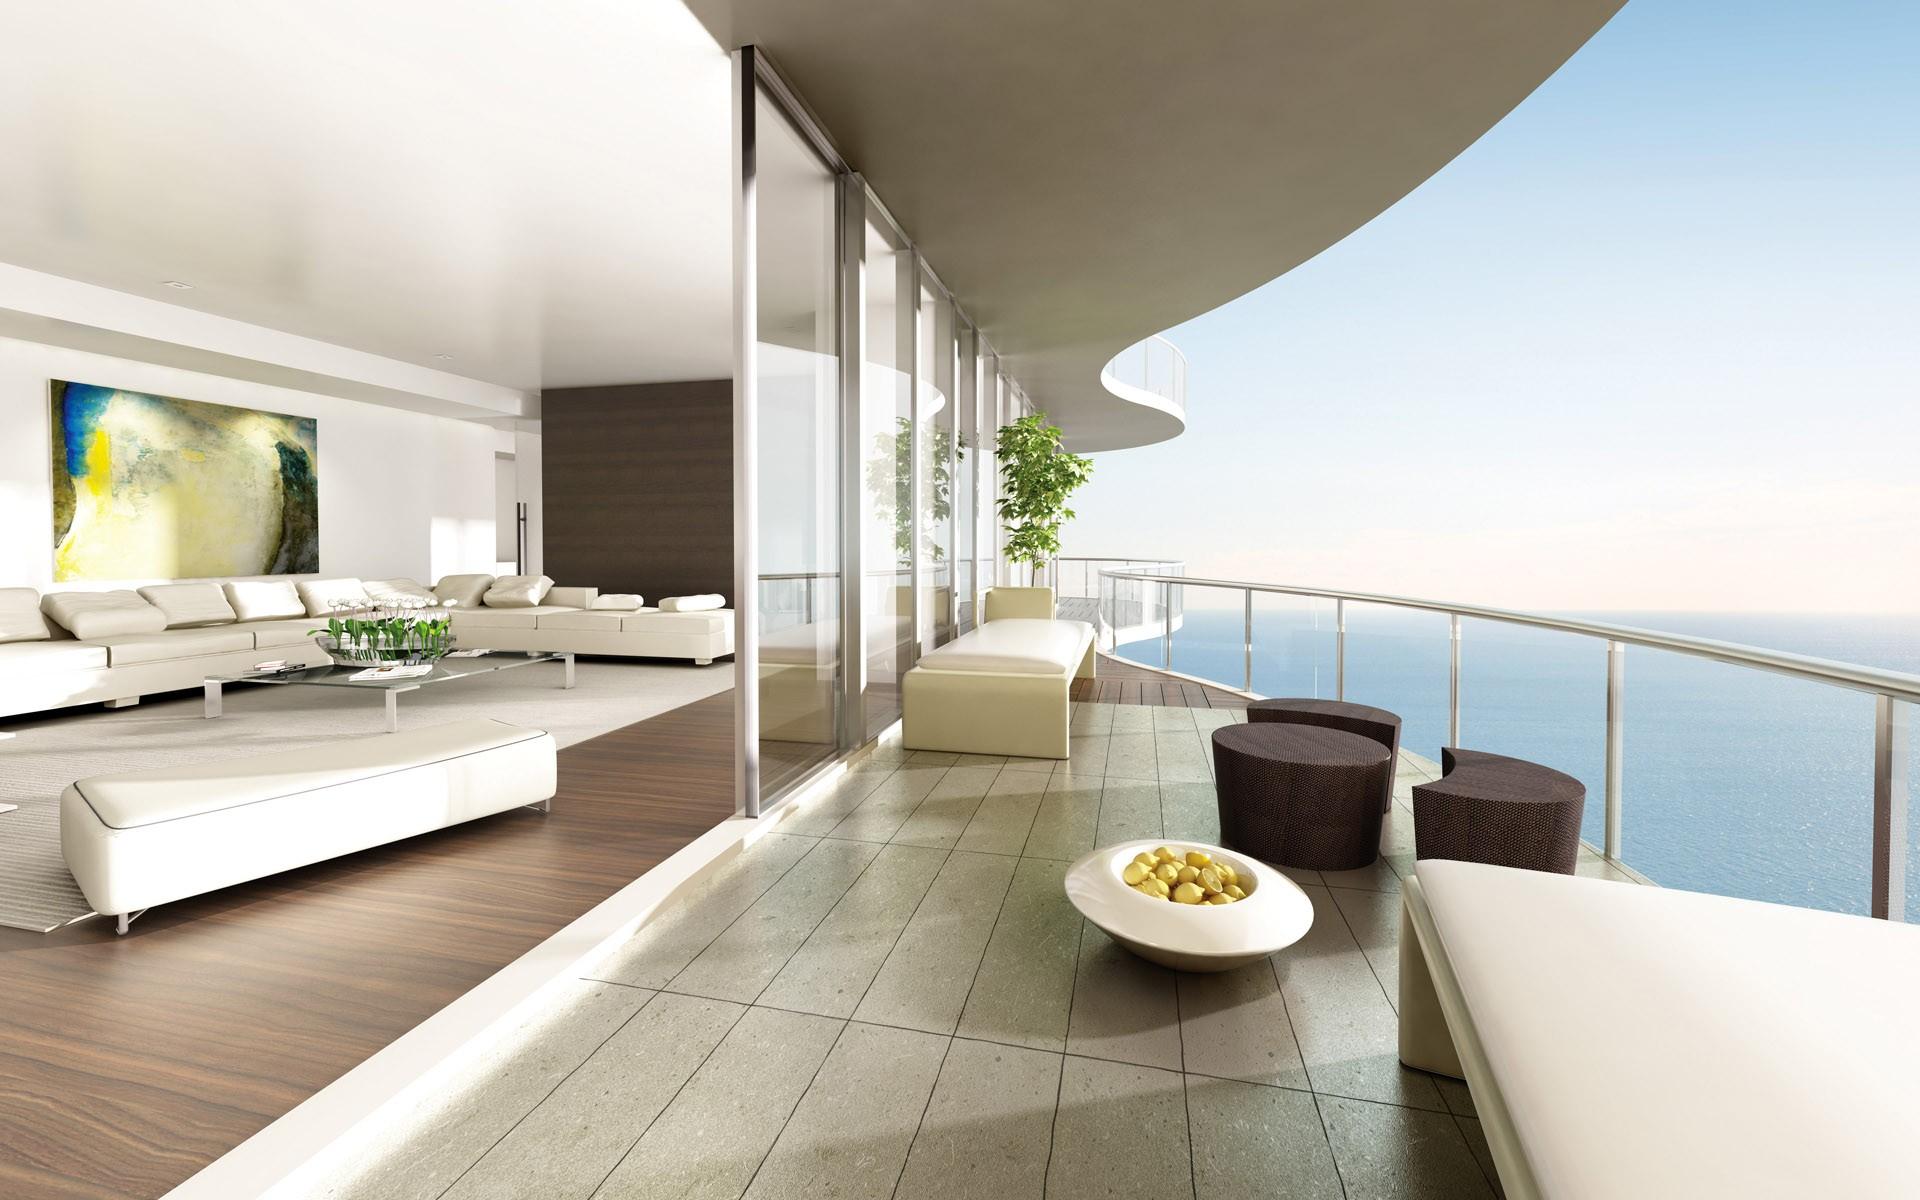 Ein sorgloser Urlaub beginnt mit Rivieraferien als Partner